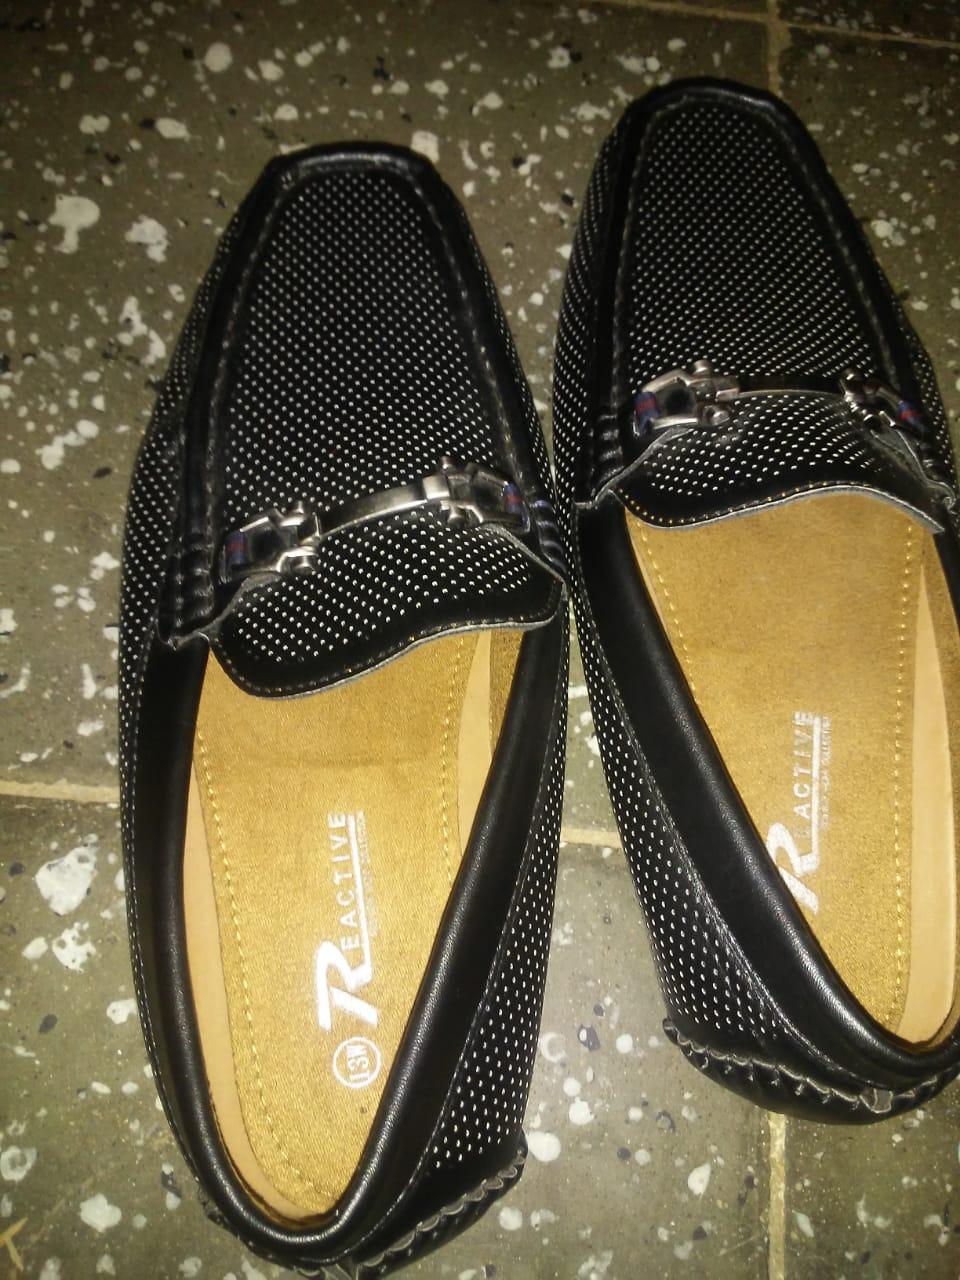 Zapatos formales americanos de hombres